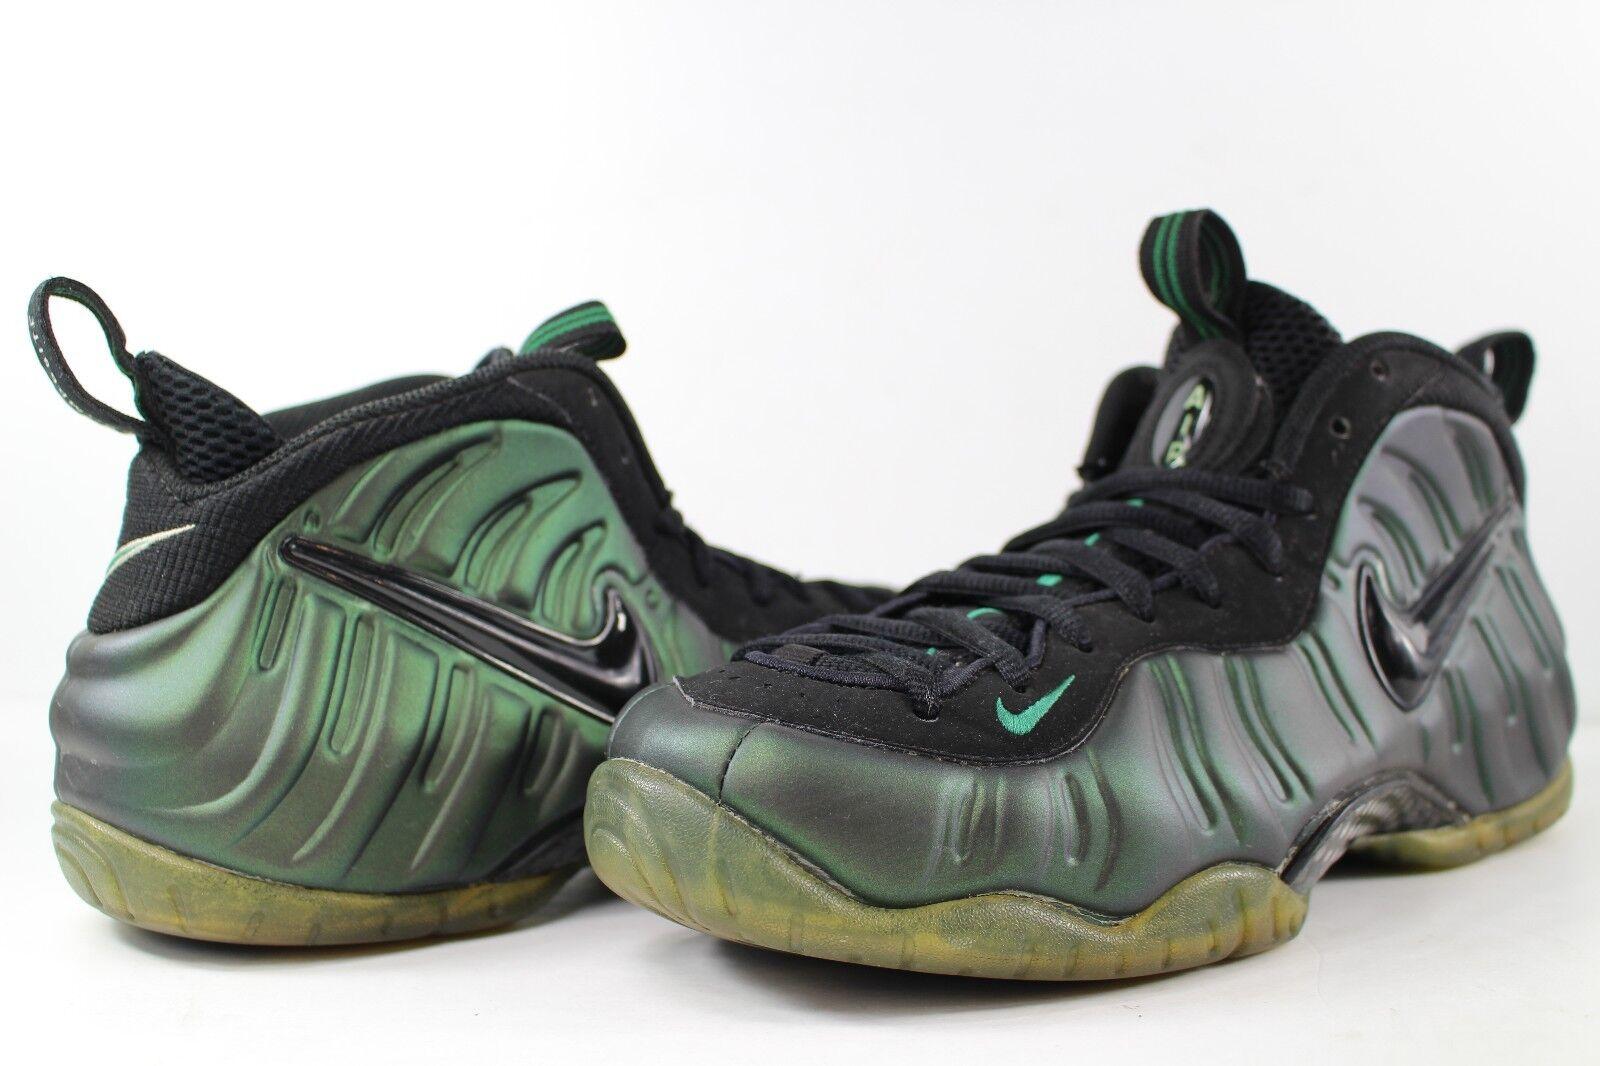 Nike Air Foamposite Pro 9.5 Pine Green Black Size 9.5 Pro 624041-301 92ee26